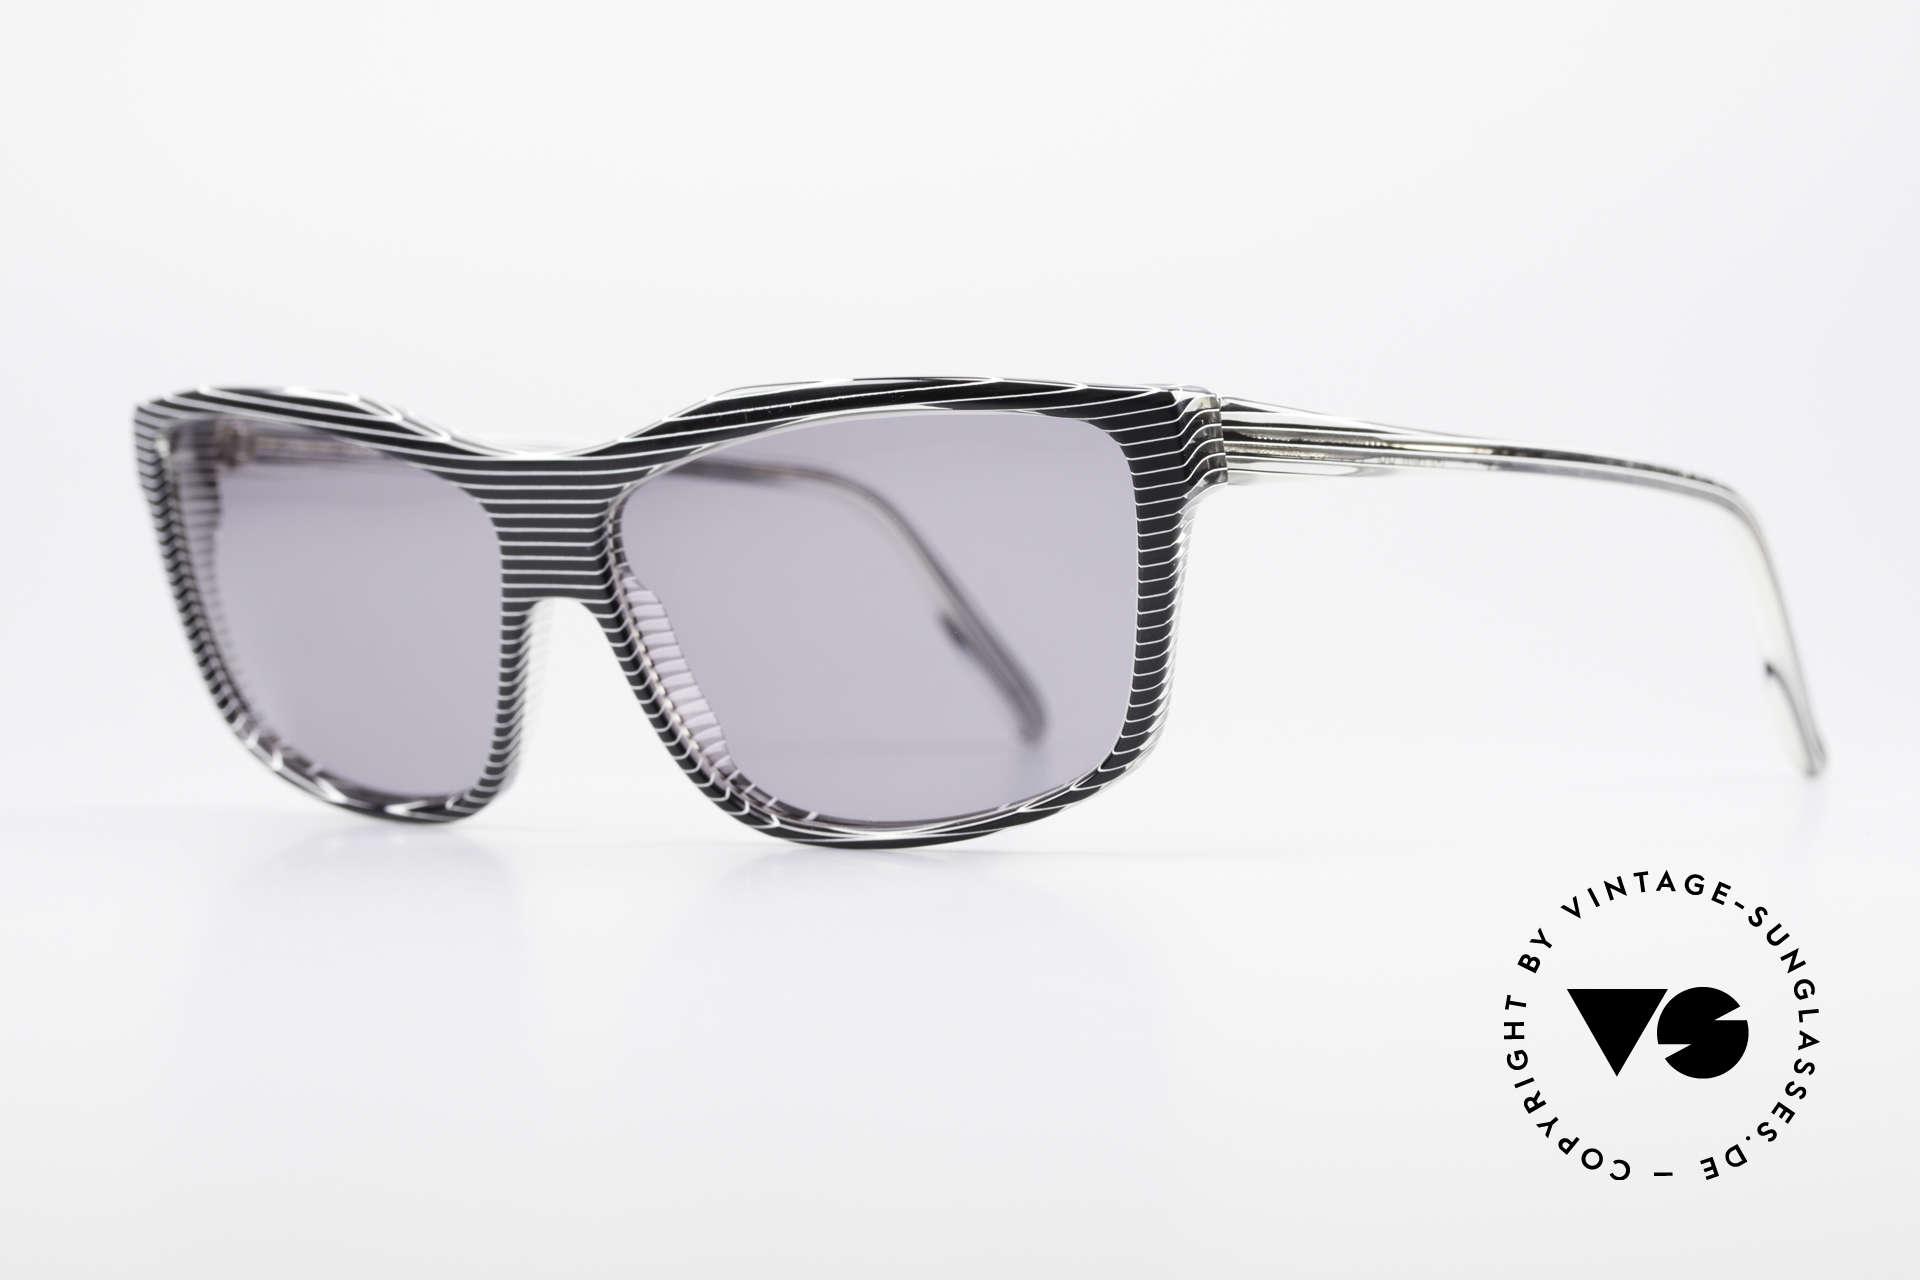 Alain Mikli 701 / 986 Rare Designer Sonnenbrille, grau getönte CR39 Sonnengläser (100% UV Protection), Passend für Damen